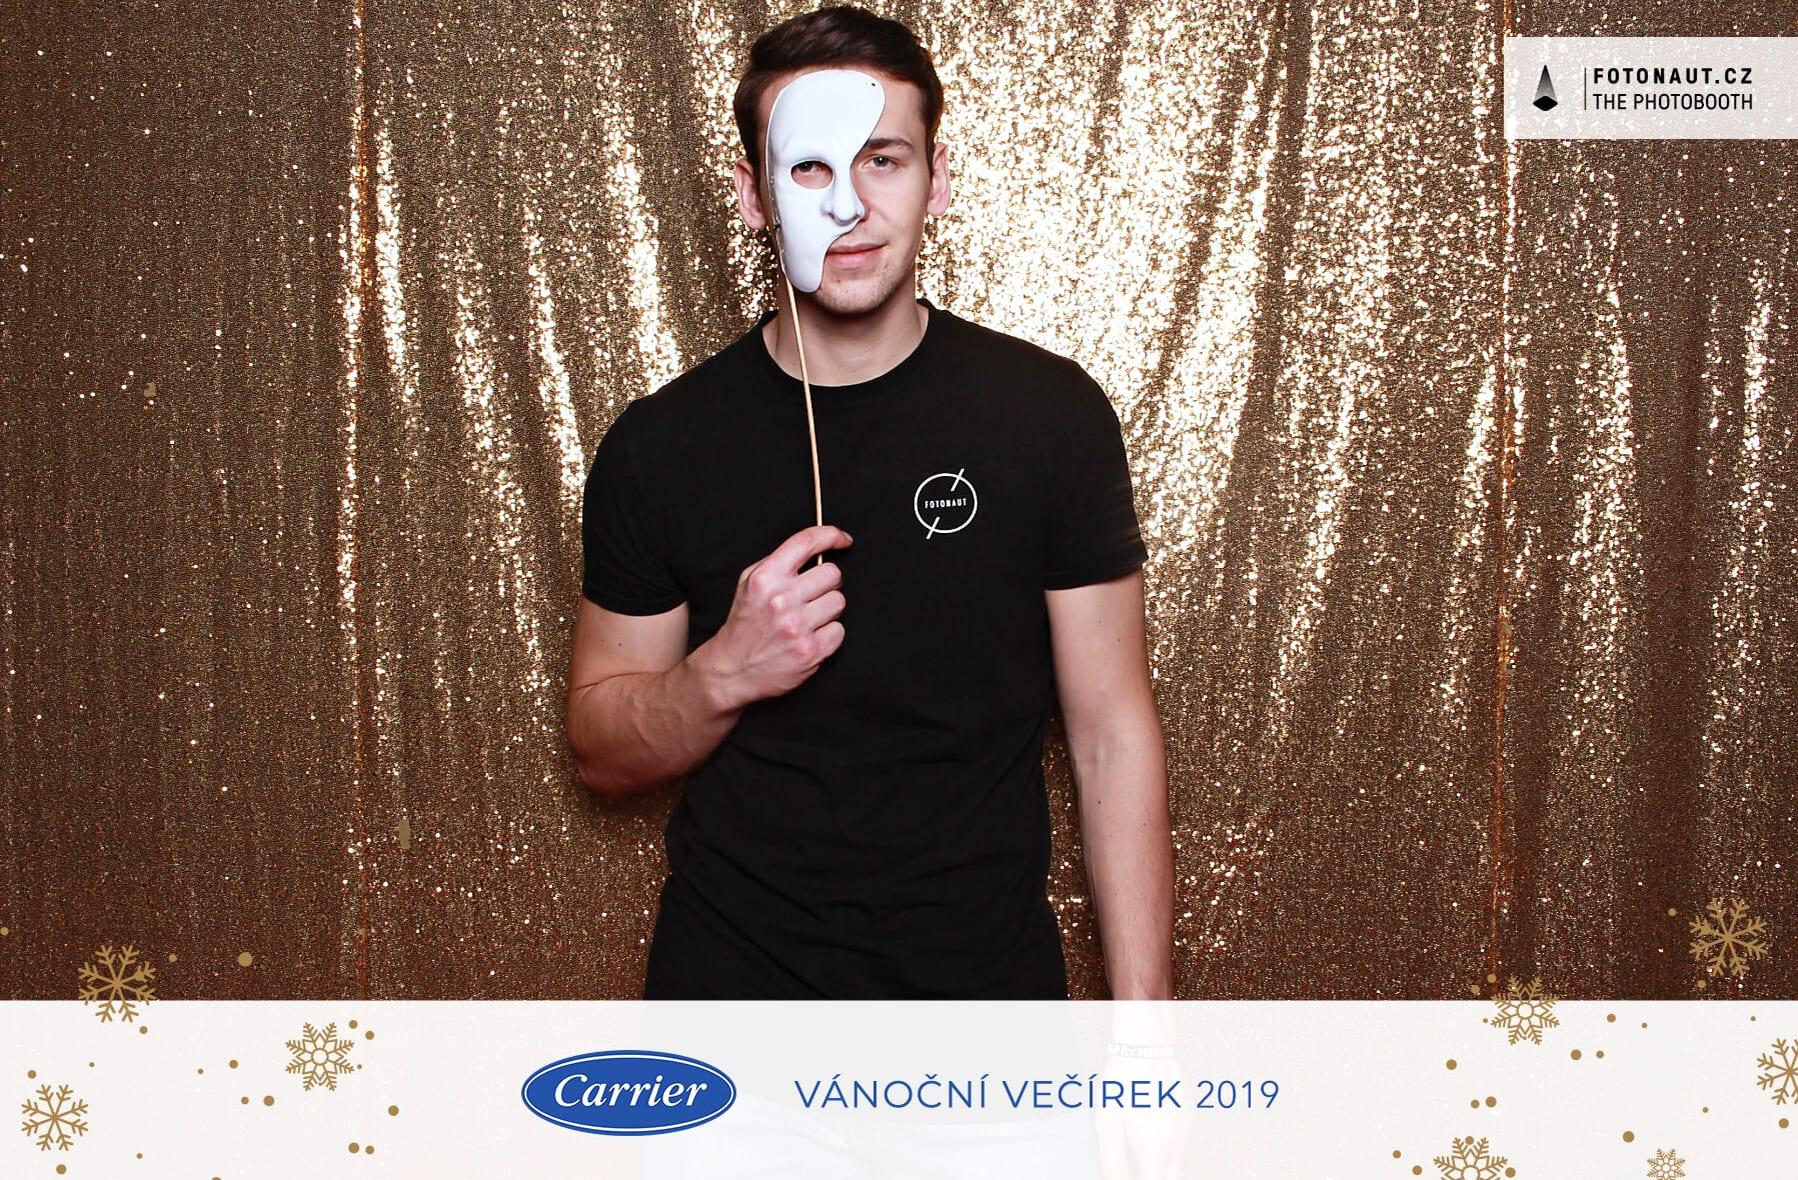 fotokoutek-praha-vanocni-vecirek-carrier-2-13-12-2019-693208